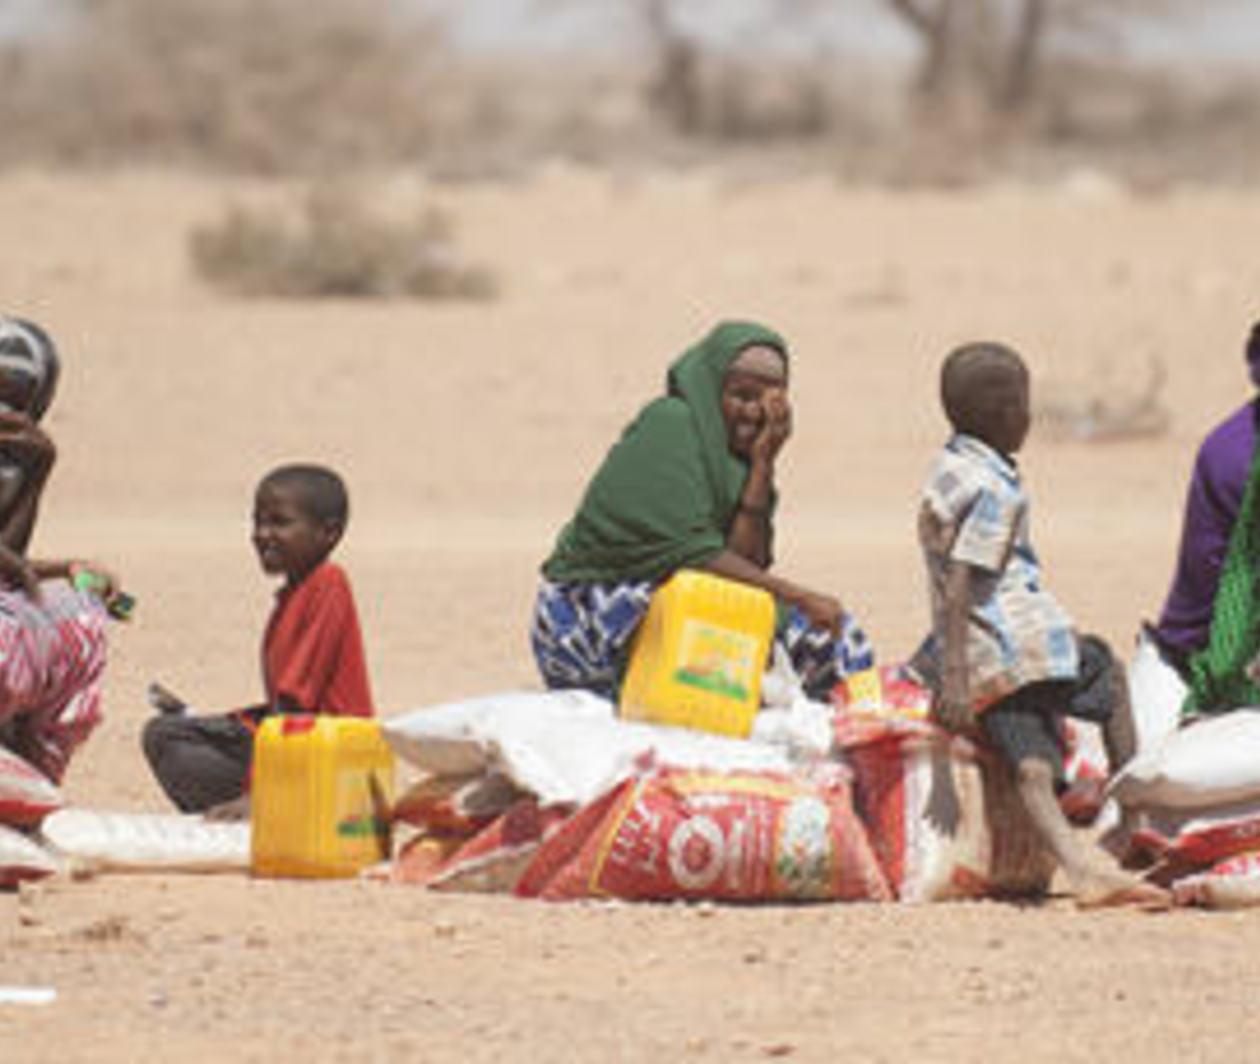 Le Développement Durable Dans L'Action Humanitaire